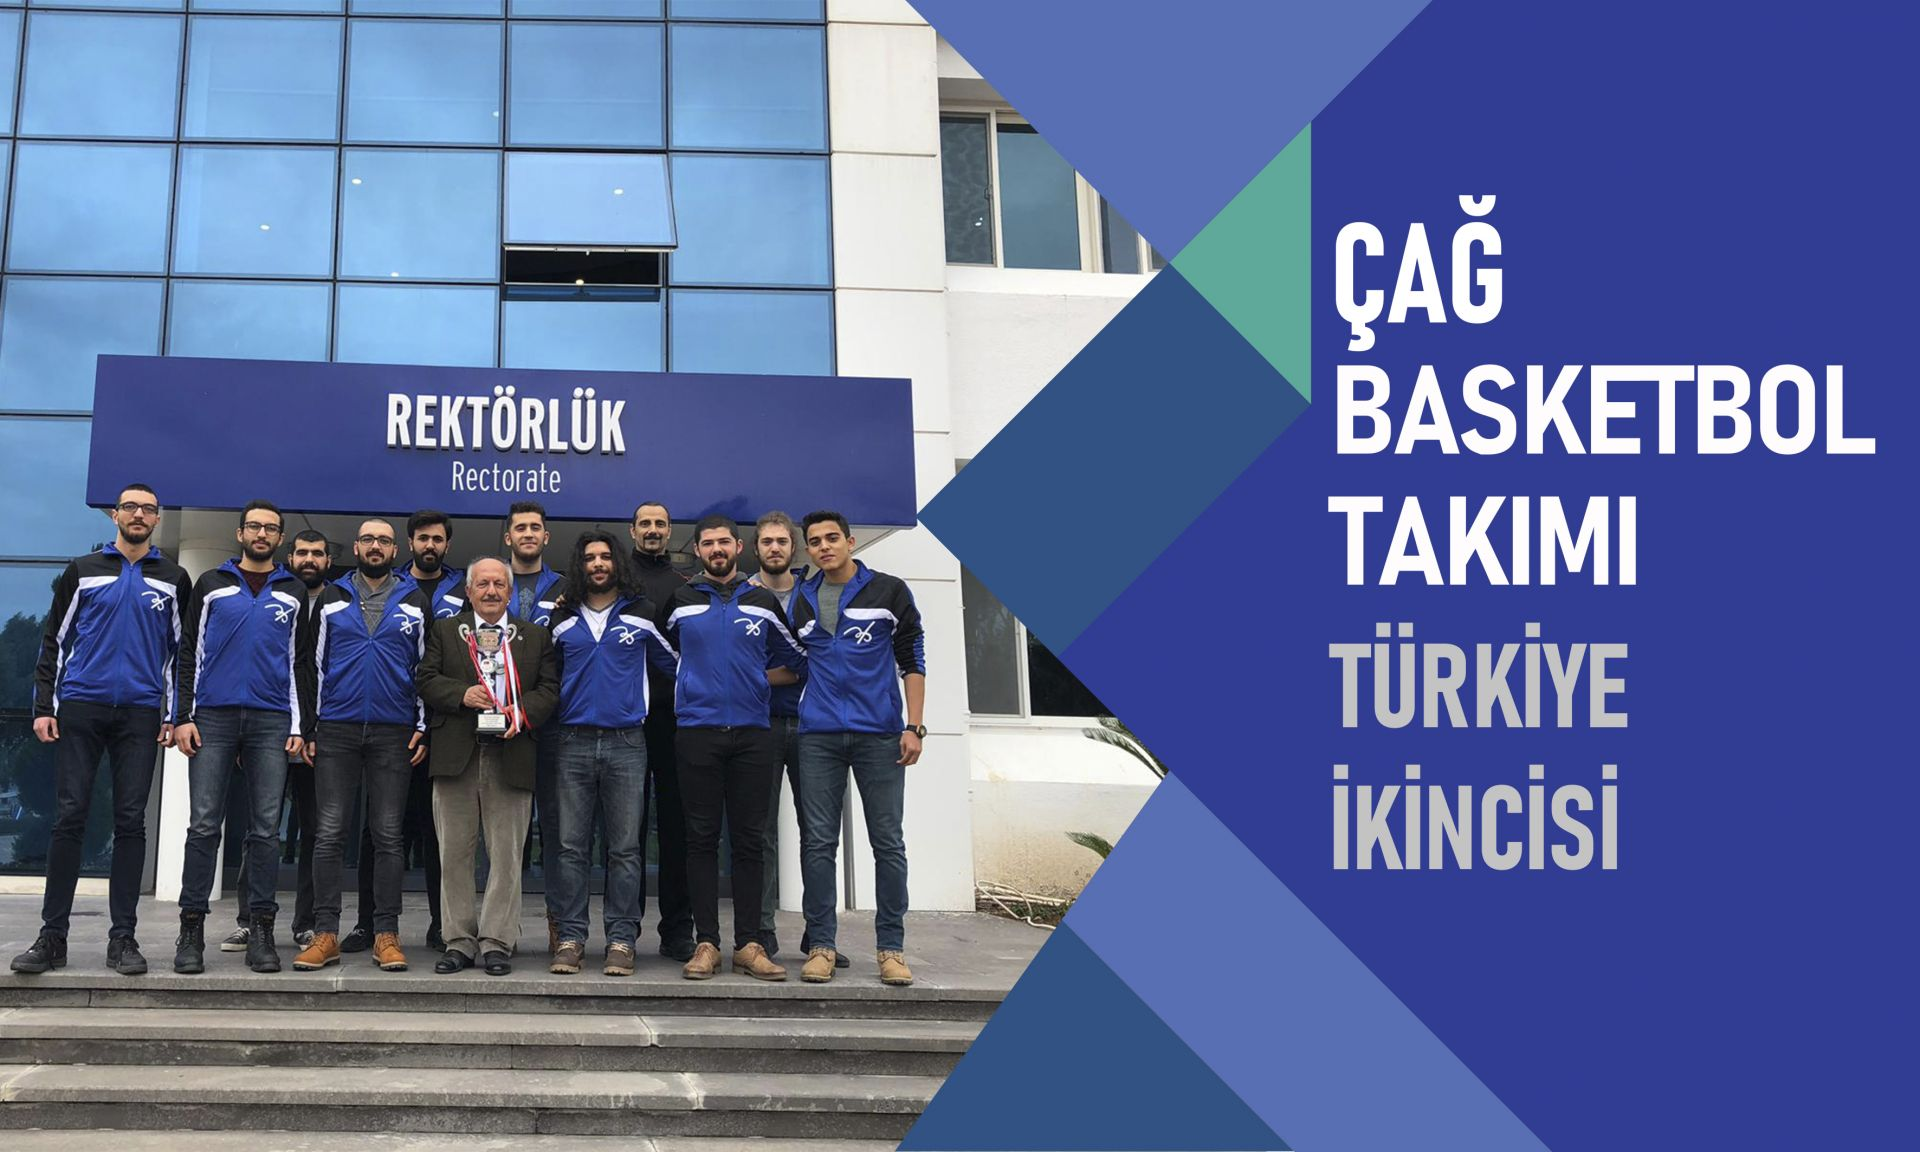 cag basketbol takimi turkiye ikincisi